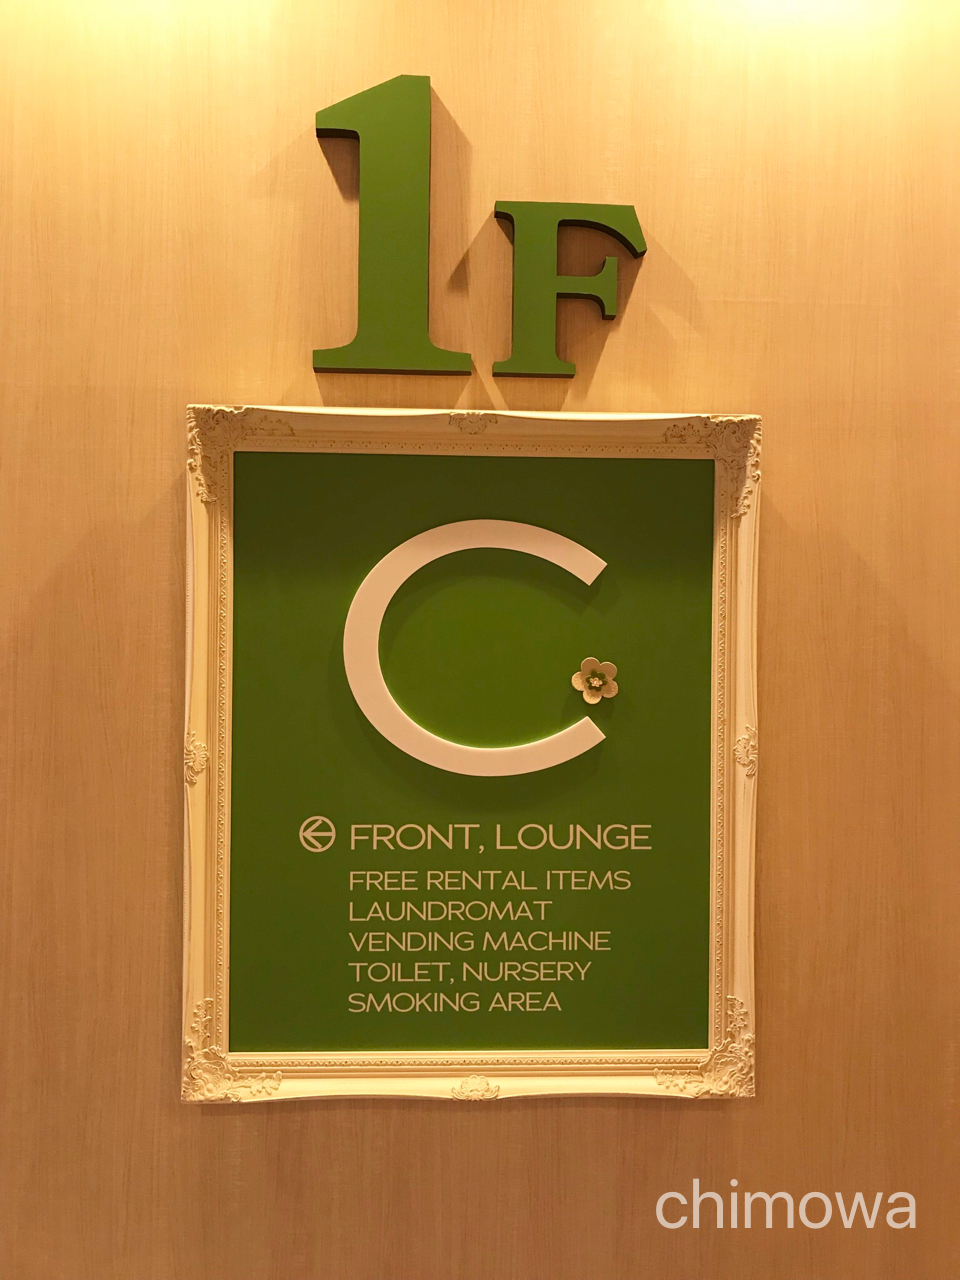 ラ・ジェント・ホテル東京ベイ エレベーター前の階数・棟の表示(1階C棟)の写真